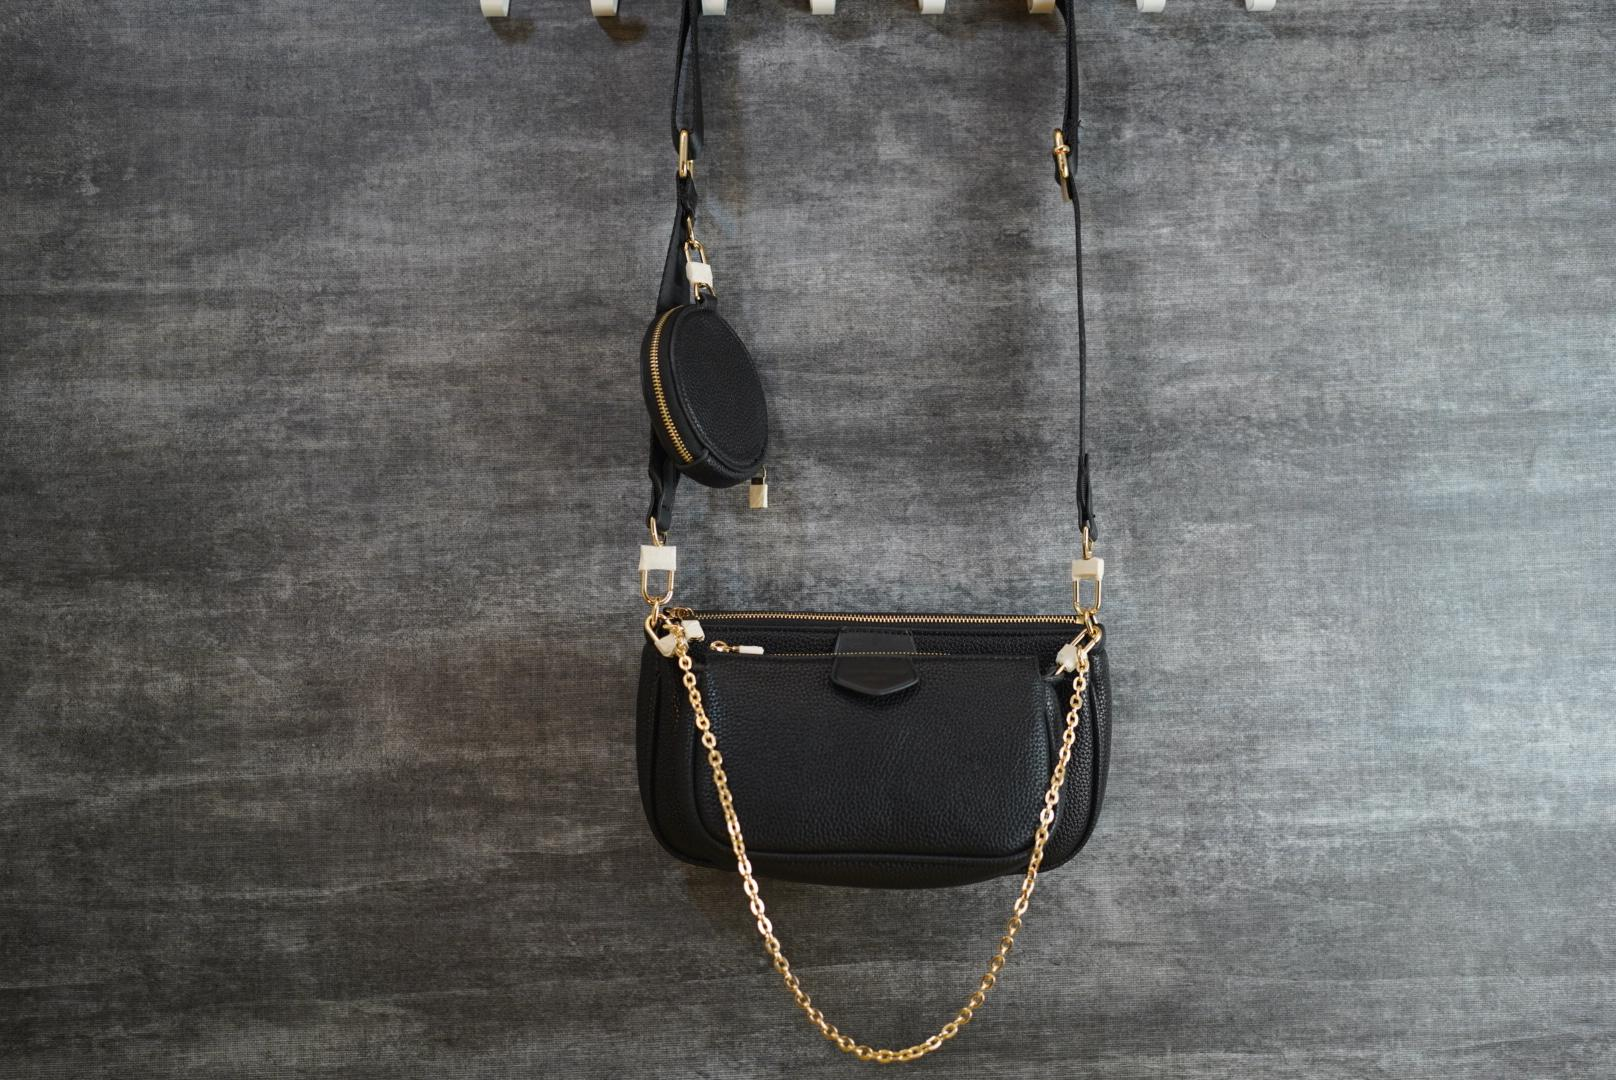 Bolsas de ombro bolsa bolsas mulheres bolsas mulheres crossbody bolsa de couro wallet de mochila com bom lether maquiagem de maquiagem taurillon preto carta em relevo